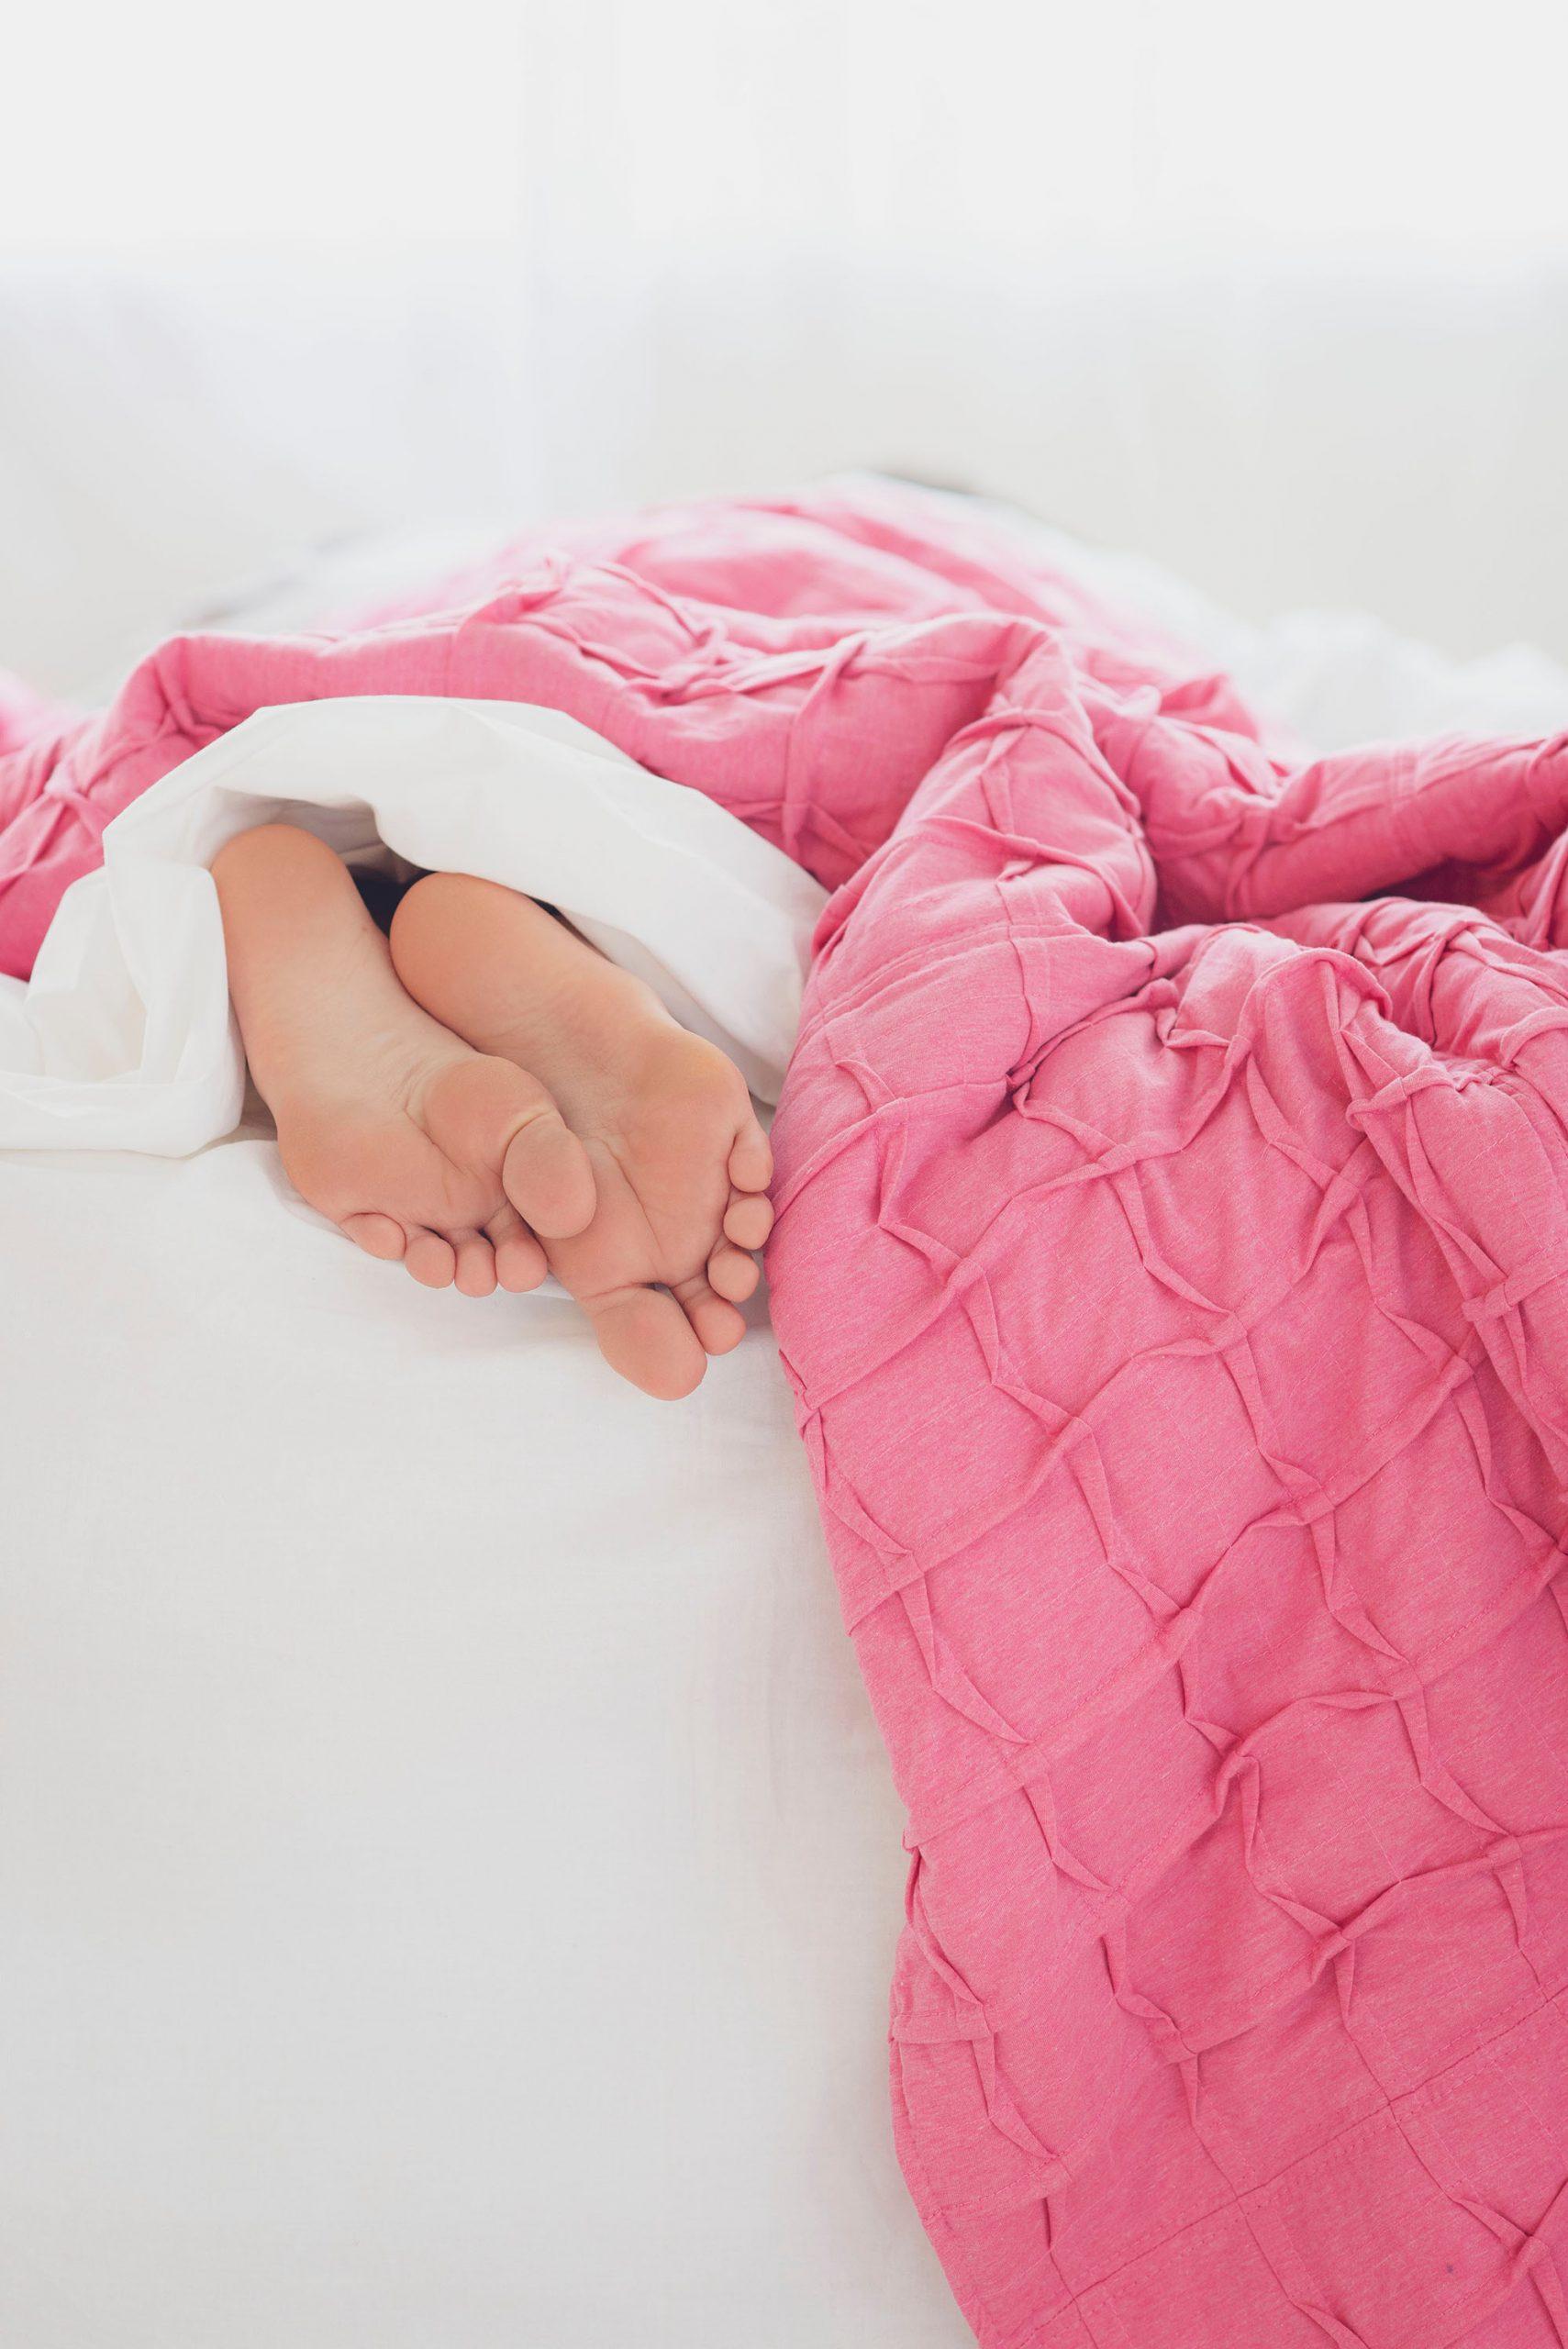 Paralisia do sono: o que é?